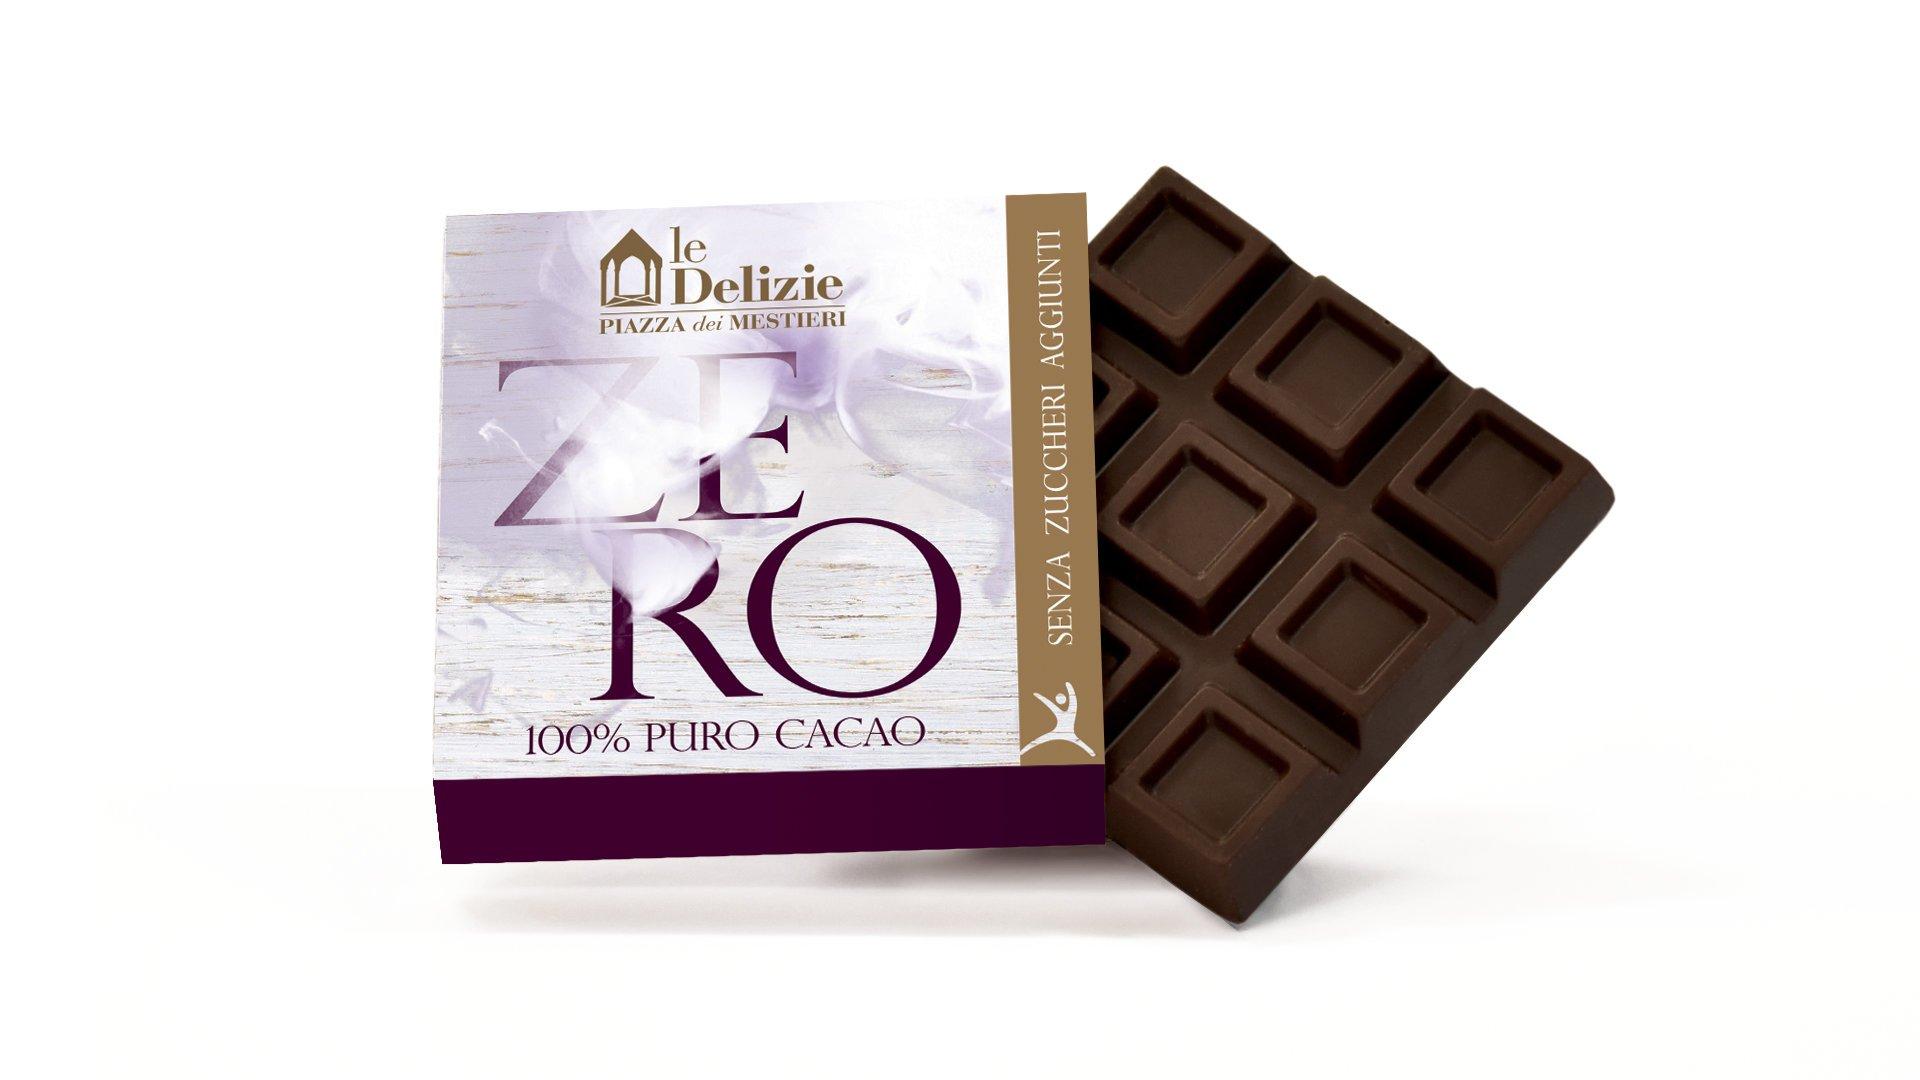 cioccolato cioccolatino linea zero tavoletta